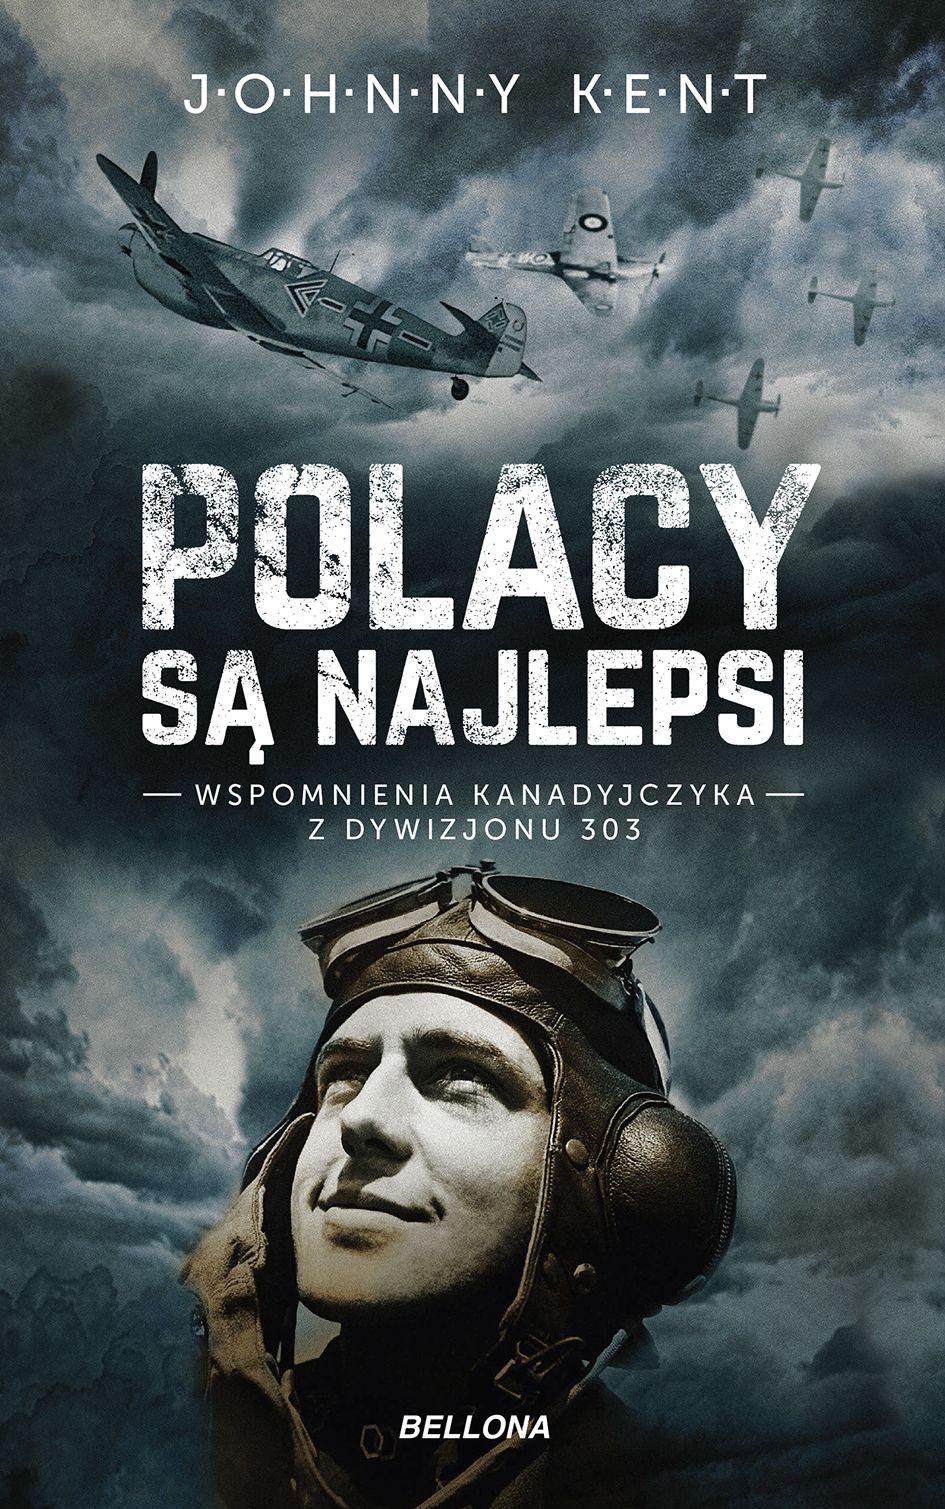 """Artykuł powstał między innymi na podstawie książki Johna A. Kenta pod tytułem """"Polacy są najlepsi. Wspomnienia kanadyjczyka z Dywizjonu 303"""" (Wydawnictwo Bellona 2017)."""